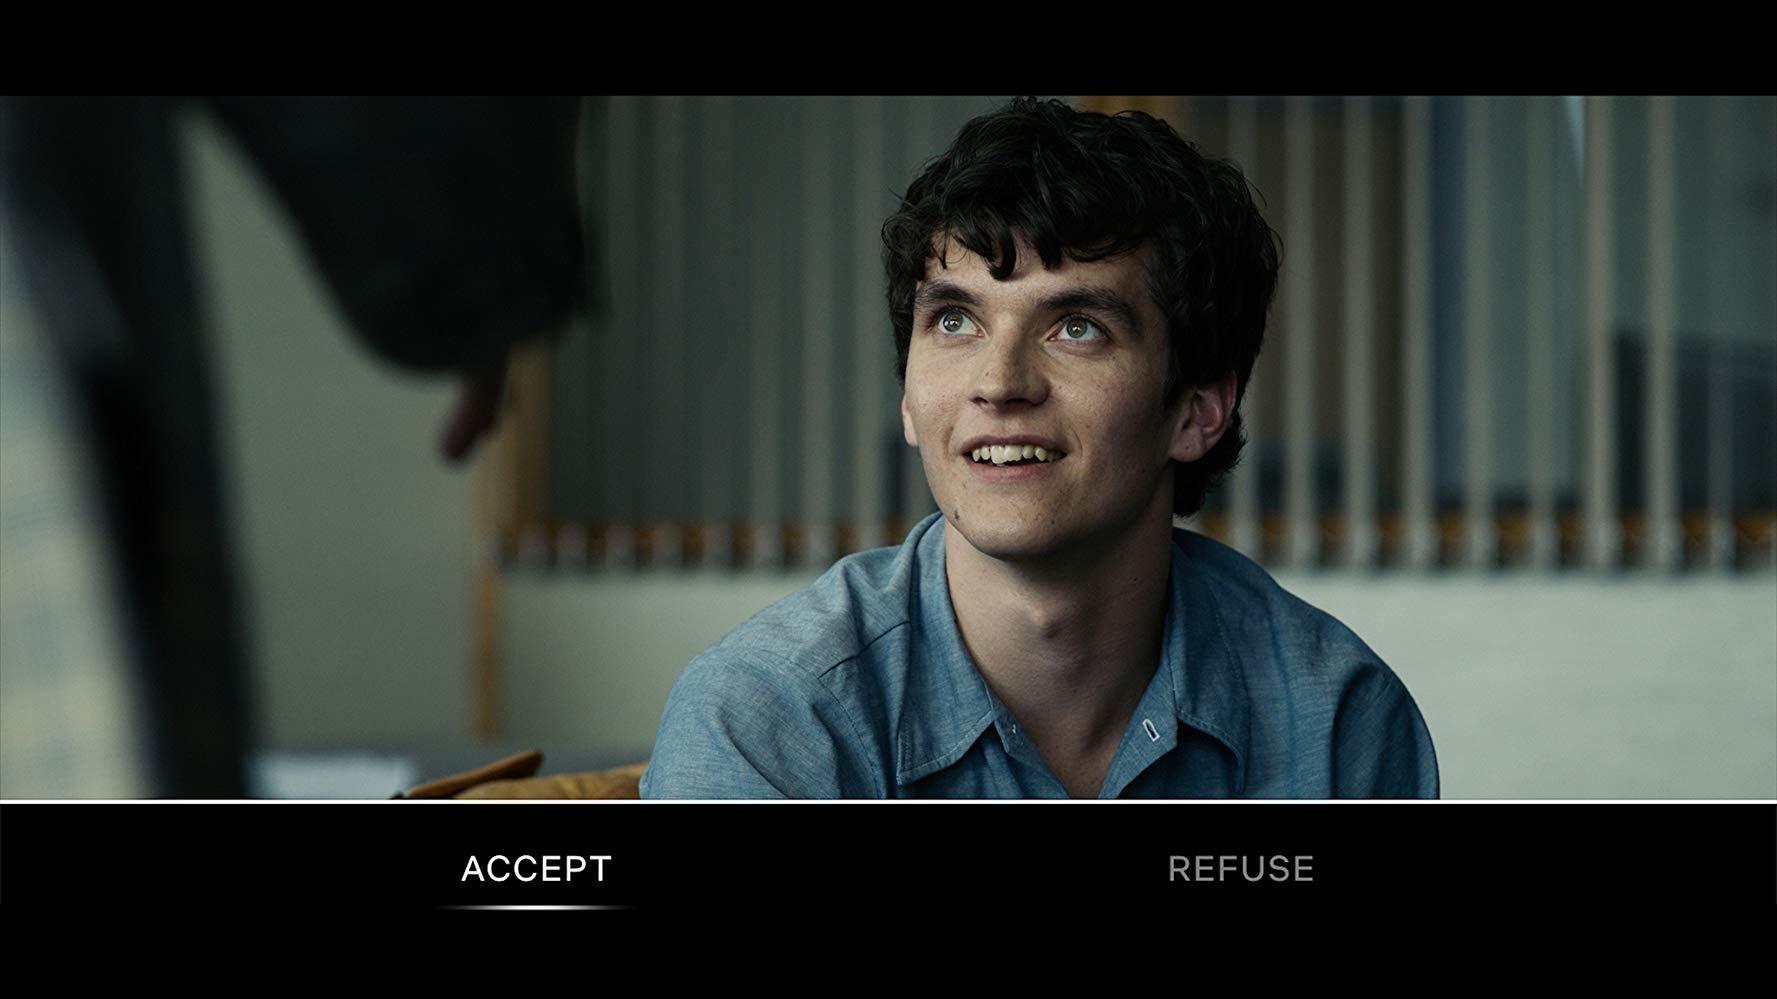 '블랙 미러: 밴더스내치'는 넷플릭스 최초 인터랙티브 콘텐츠가